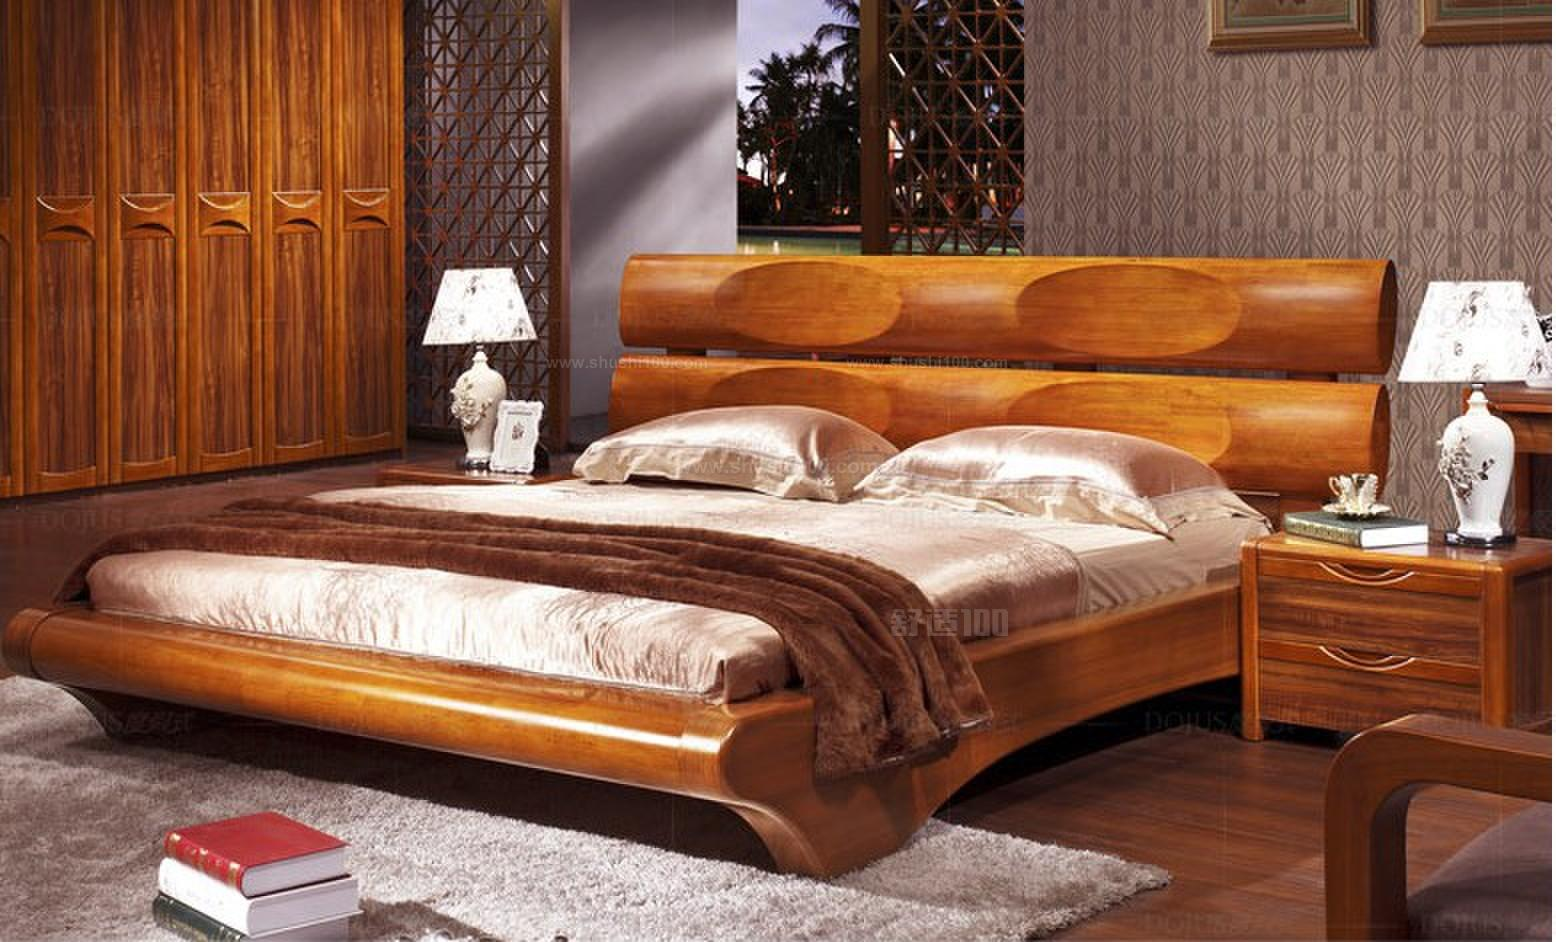 中式实木床—中式实木床有哪些好的品牌图片